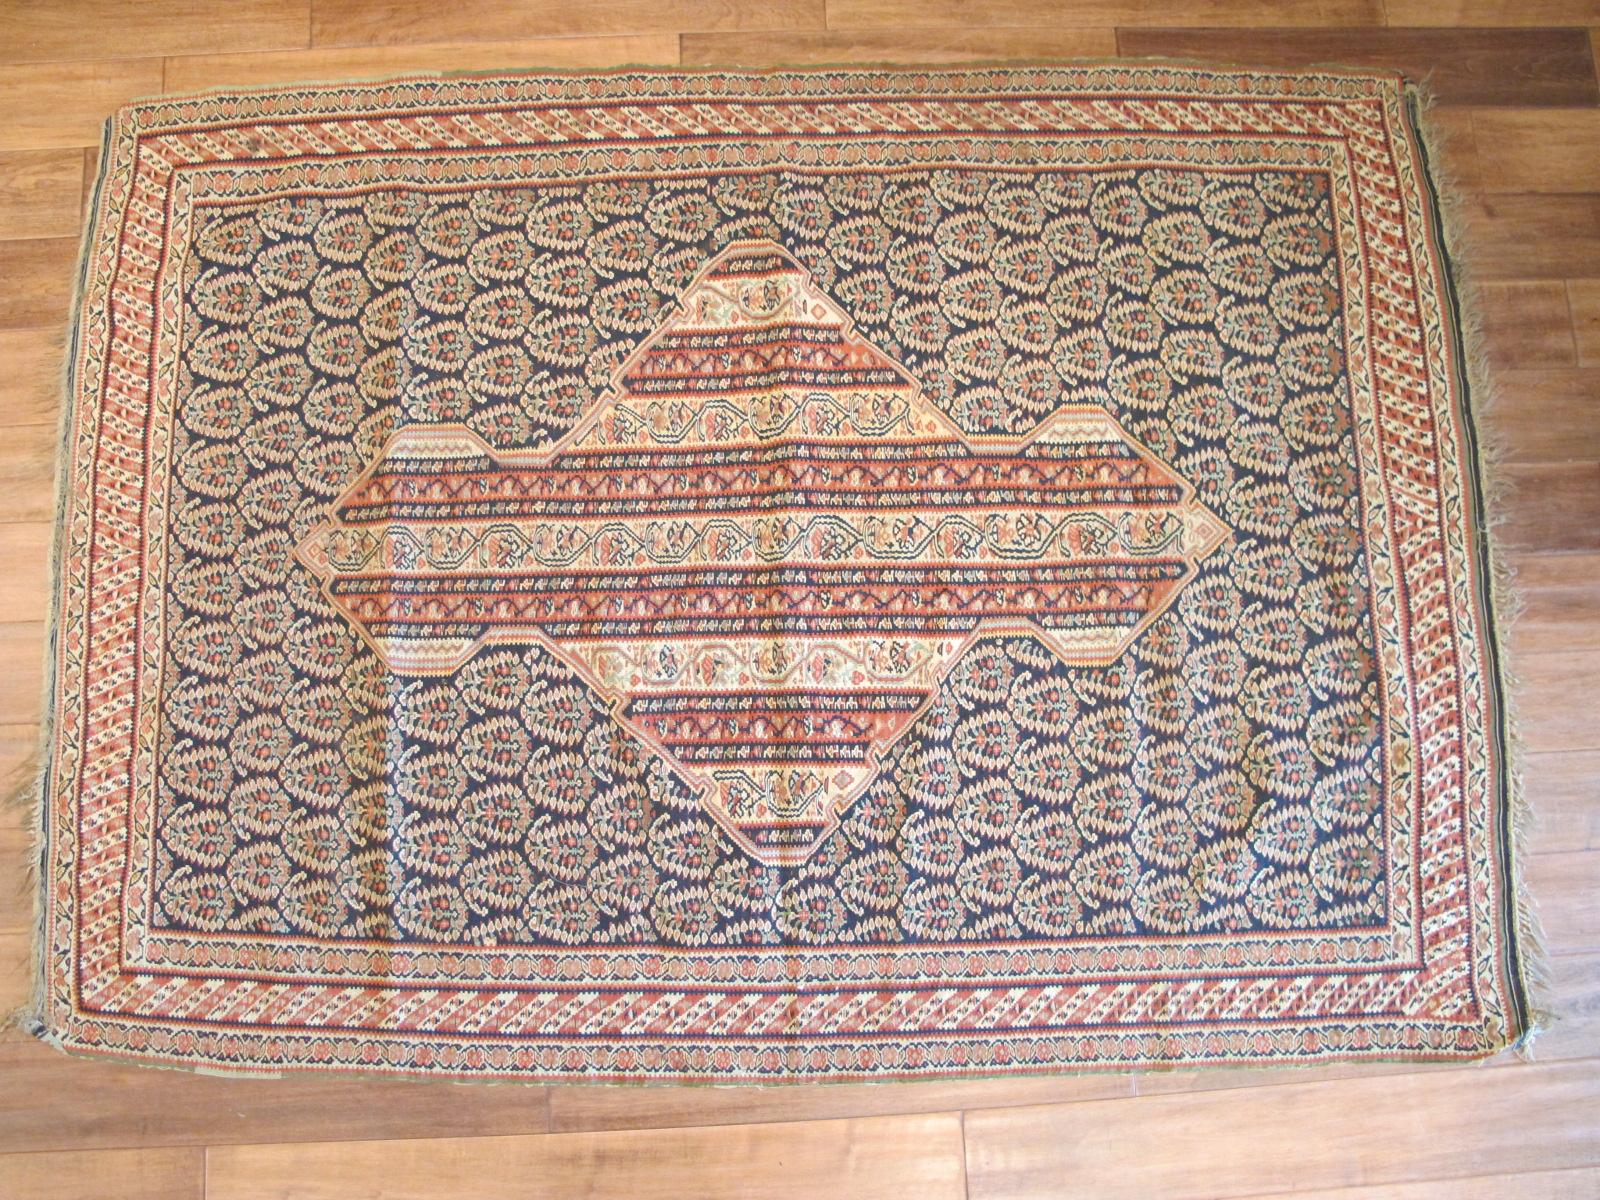 Senneh Kilim Rug | Persia | Antique, Circa 1860